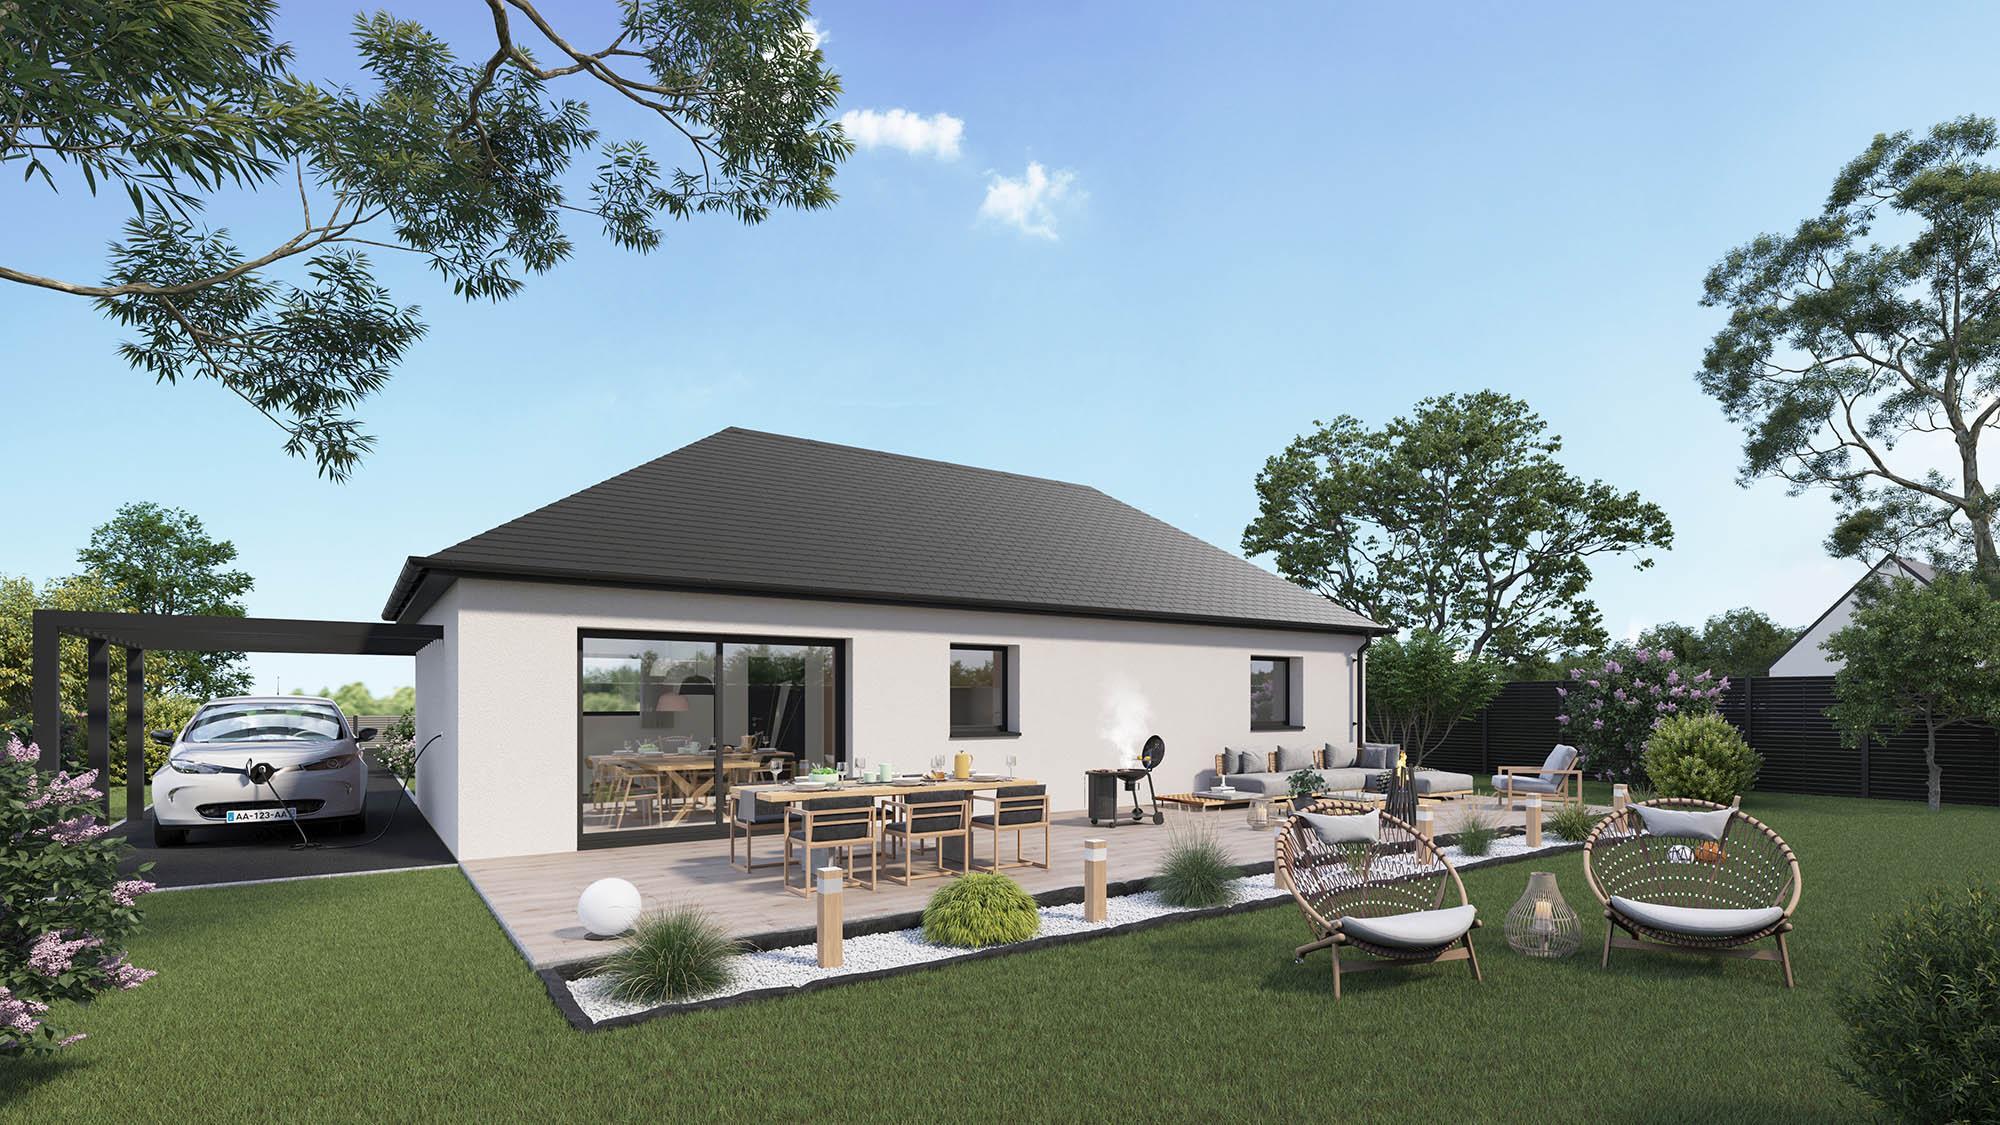 Maisons + Terrains du constructeur MAISON CASTOR • 100 m² • RUGLES